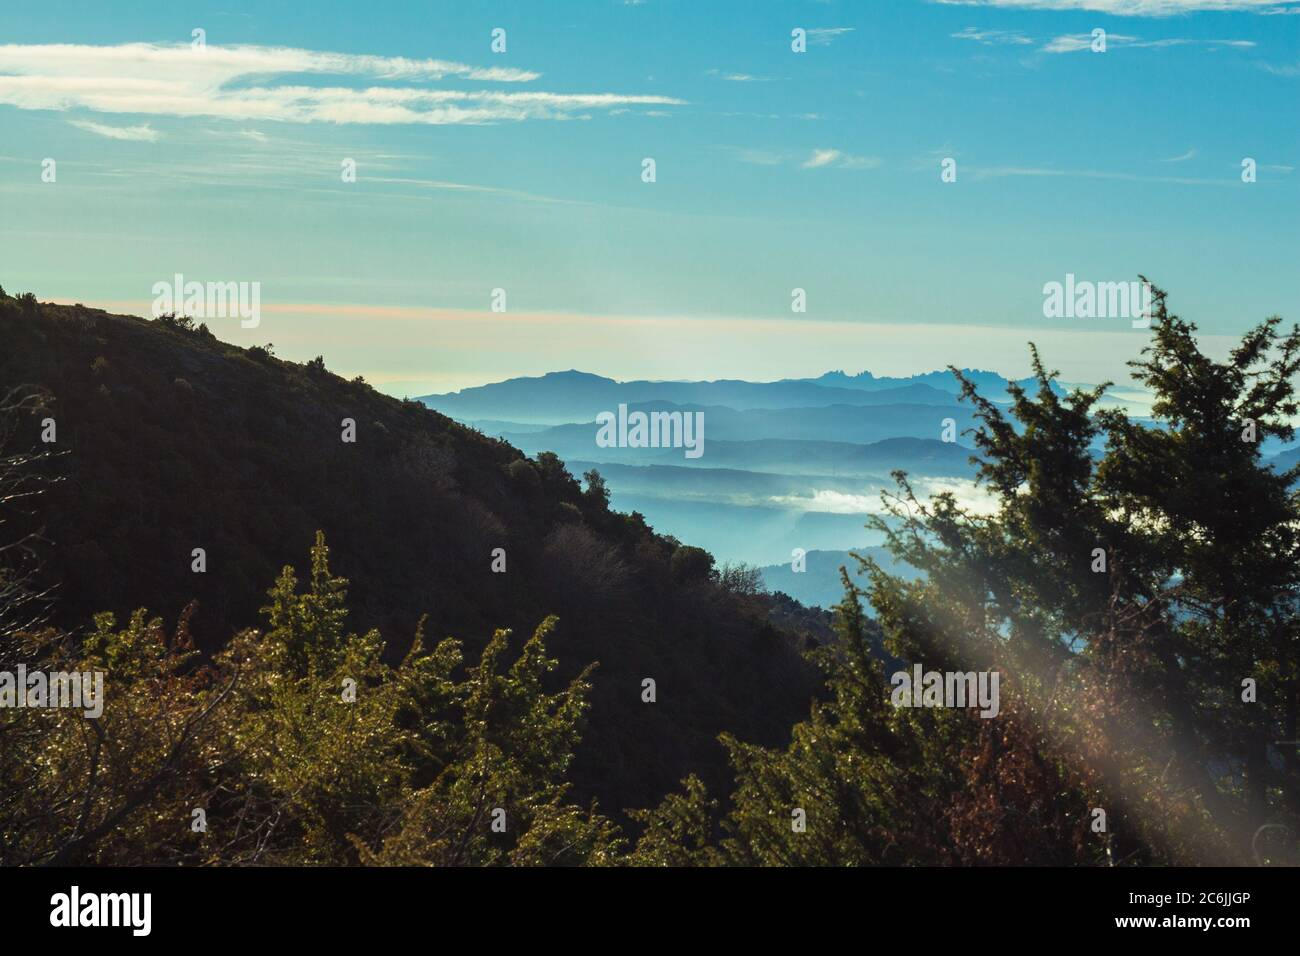 El Parque Natural de Montseny se encuentra en la sierra pre-costera catalana. Abarca una superficie de 31,063.94 hectáreas y está a 50km de Barcelona y 25km de fr Foto de stock